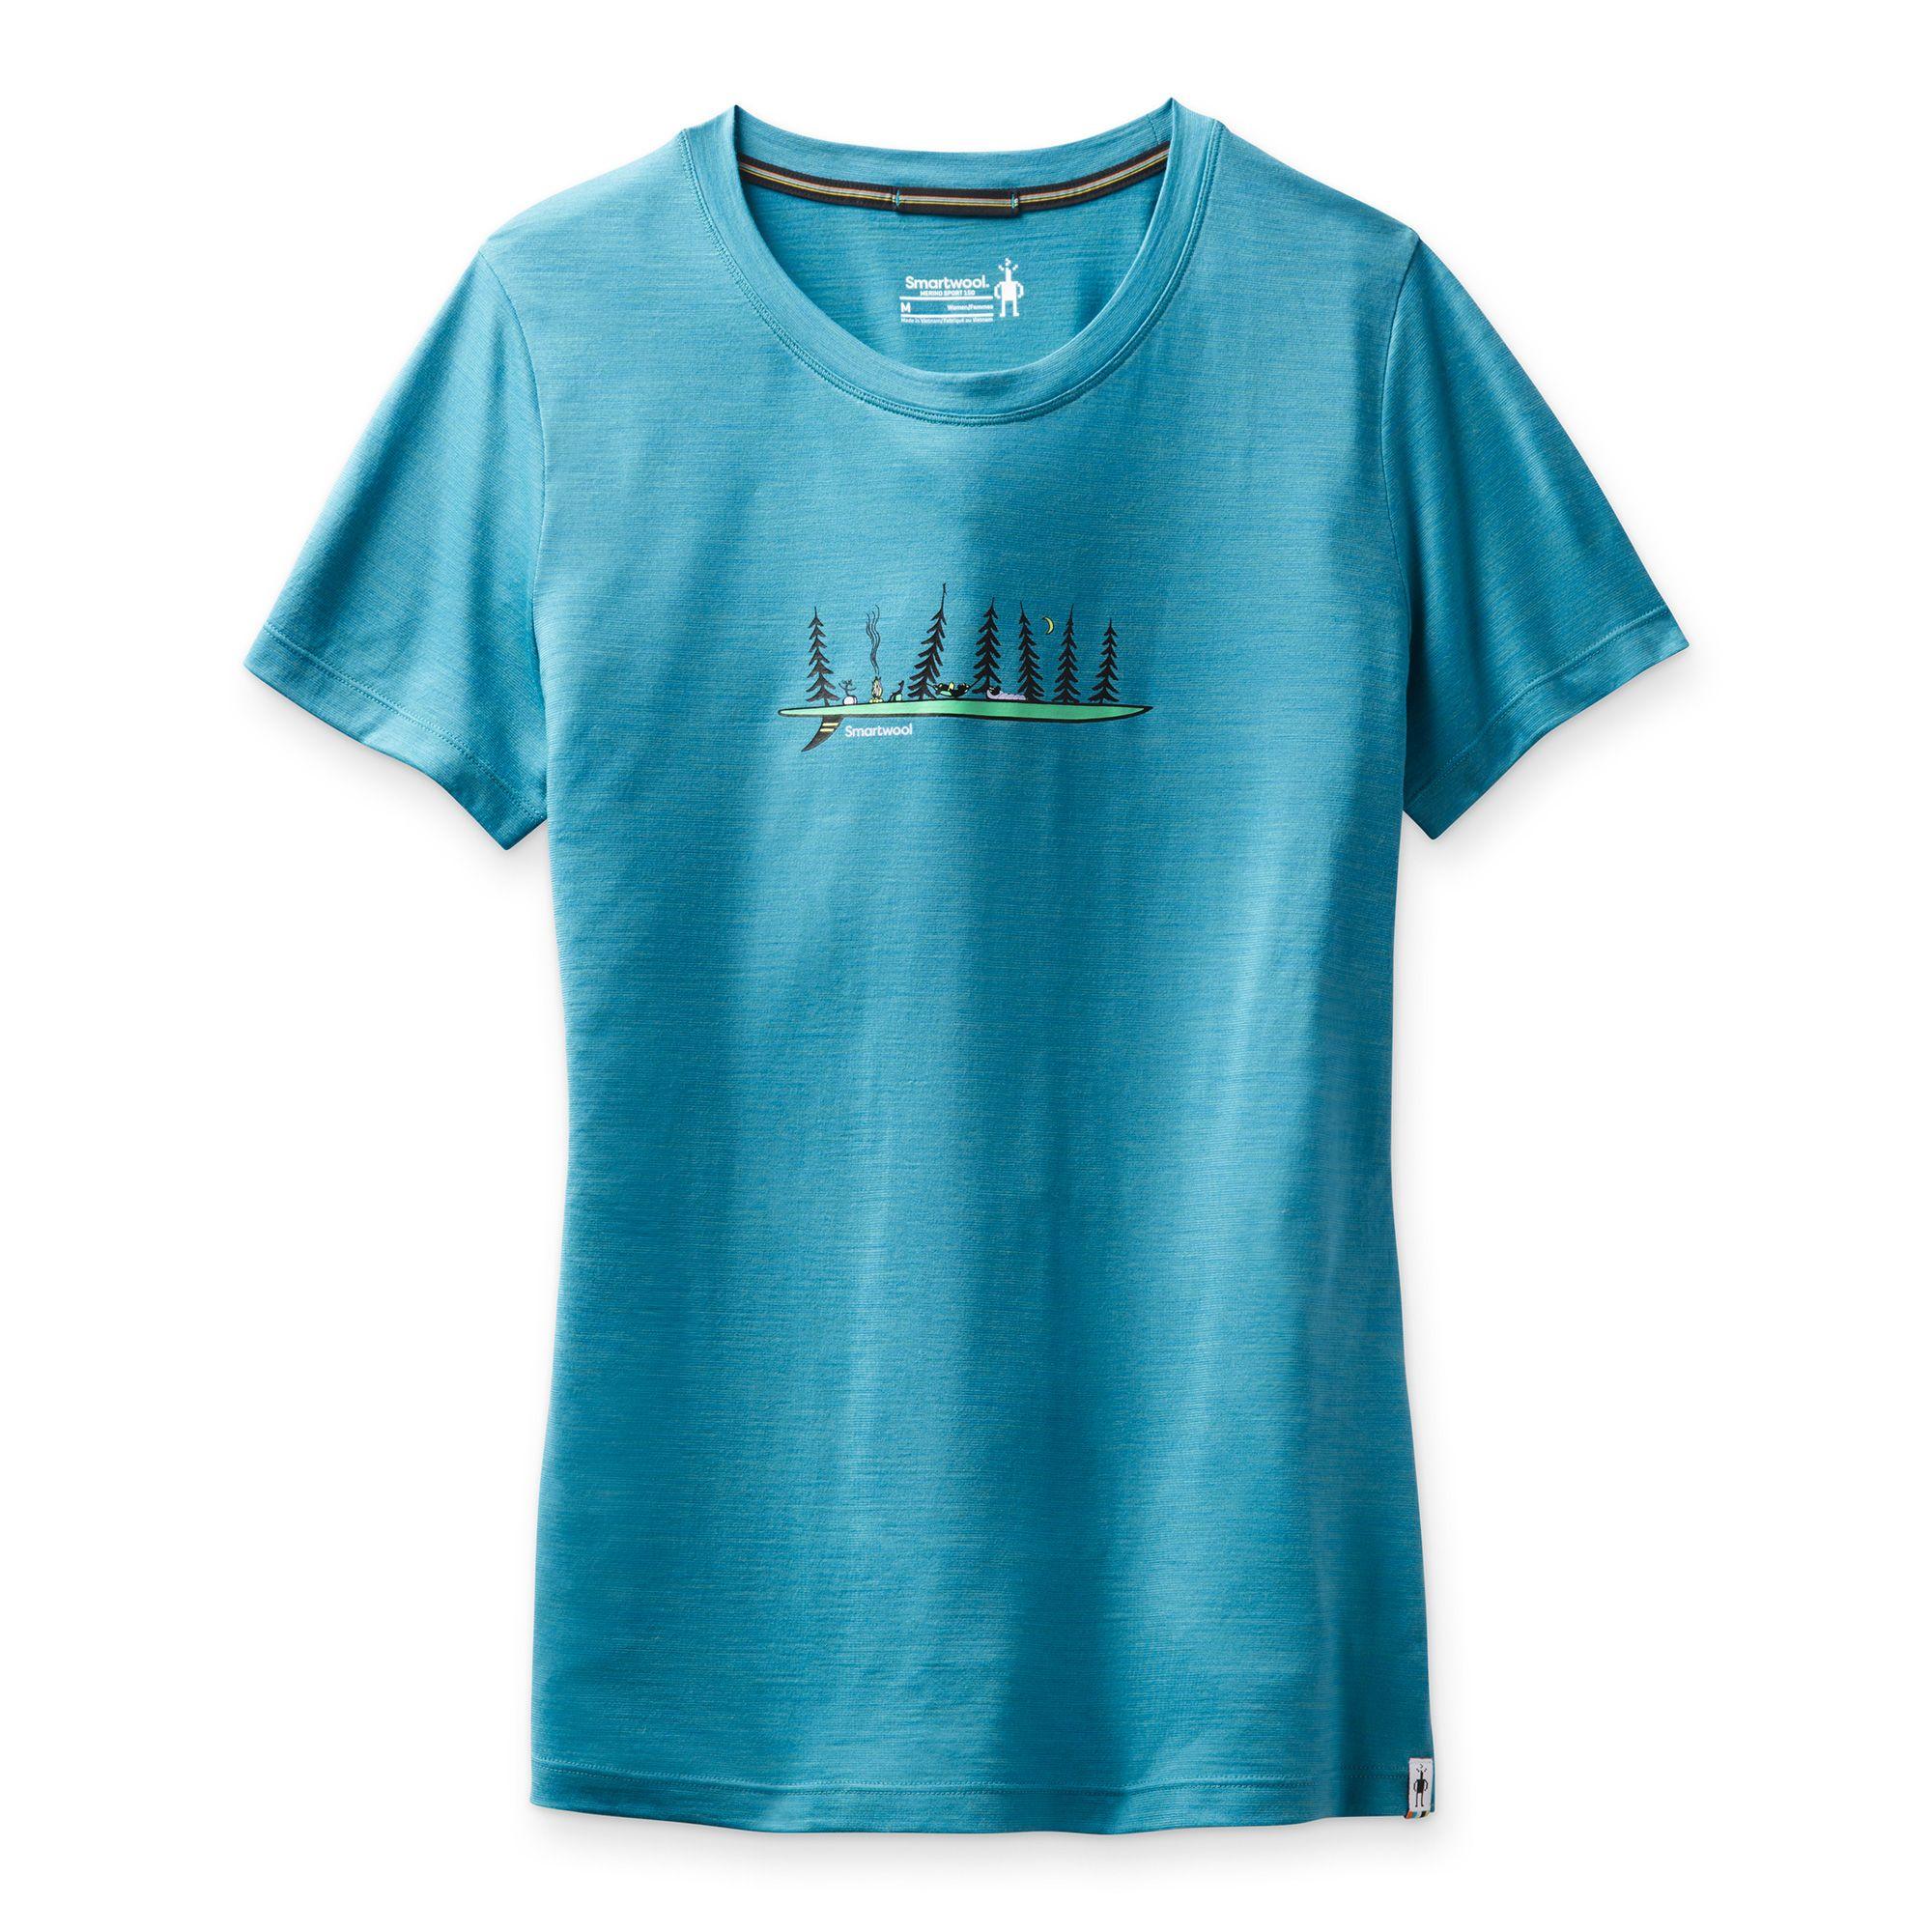 T-shirt imprimé Merino Sport 150 Camping With Friends pour femmes